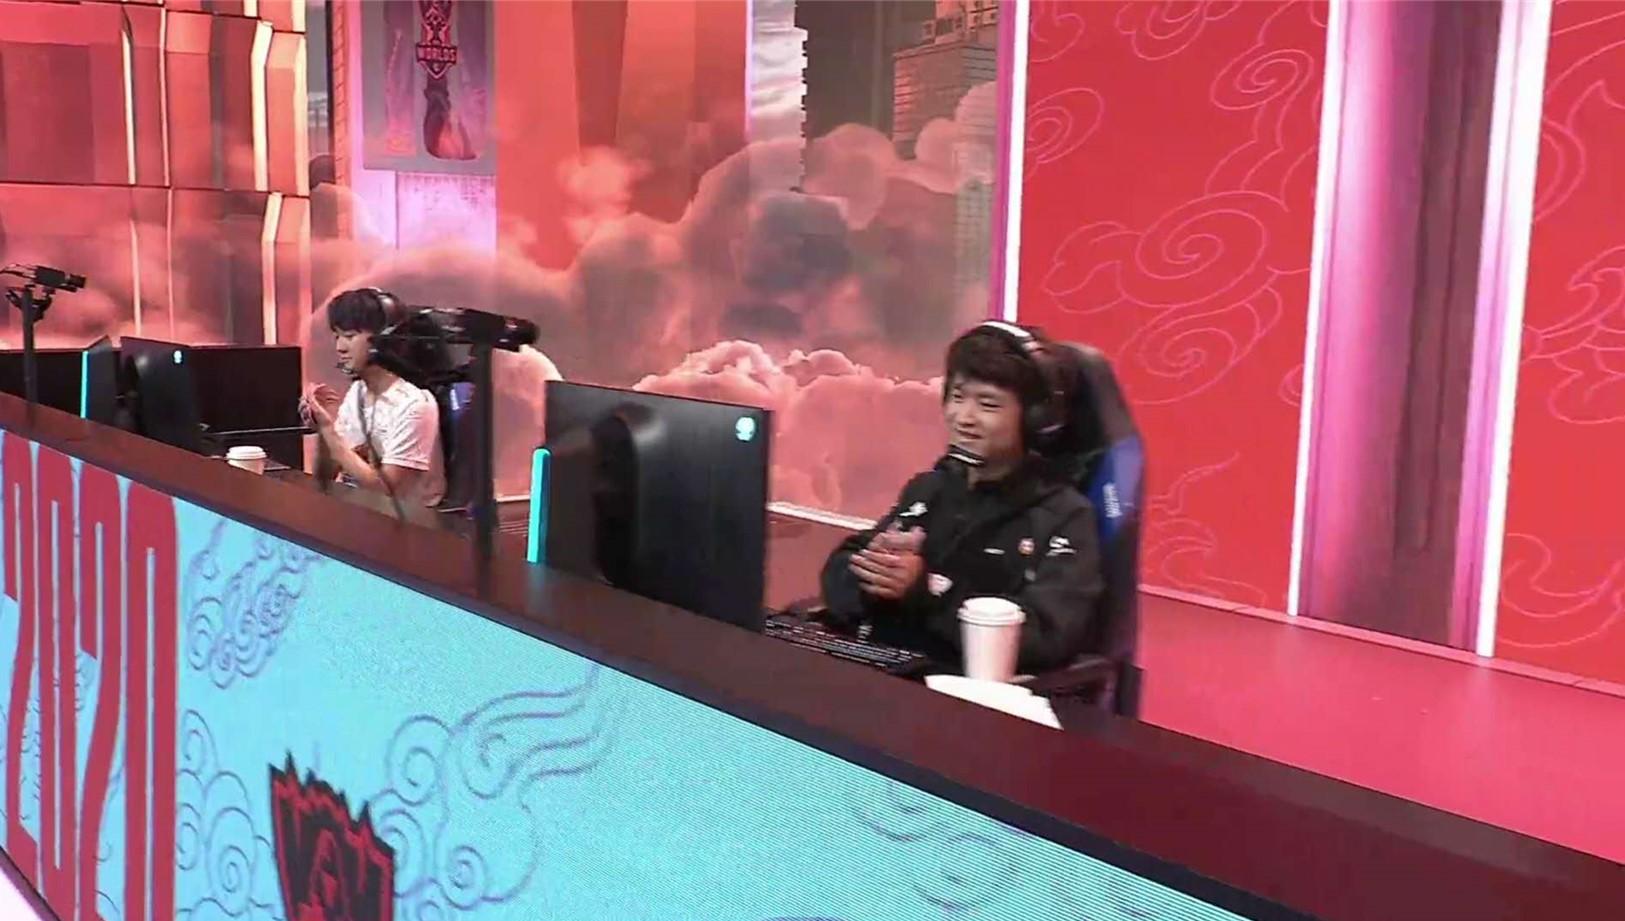 SofM擊敗TL秀中越雙語,煥烽亮出IG隊標,蘇小洛迎S10第一次爆破-圖2